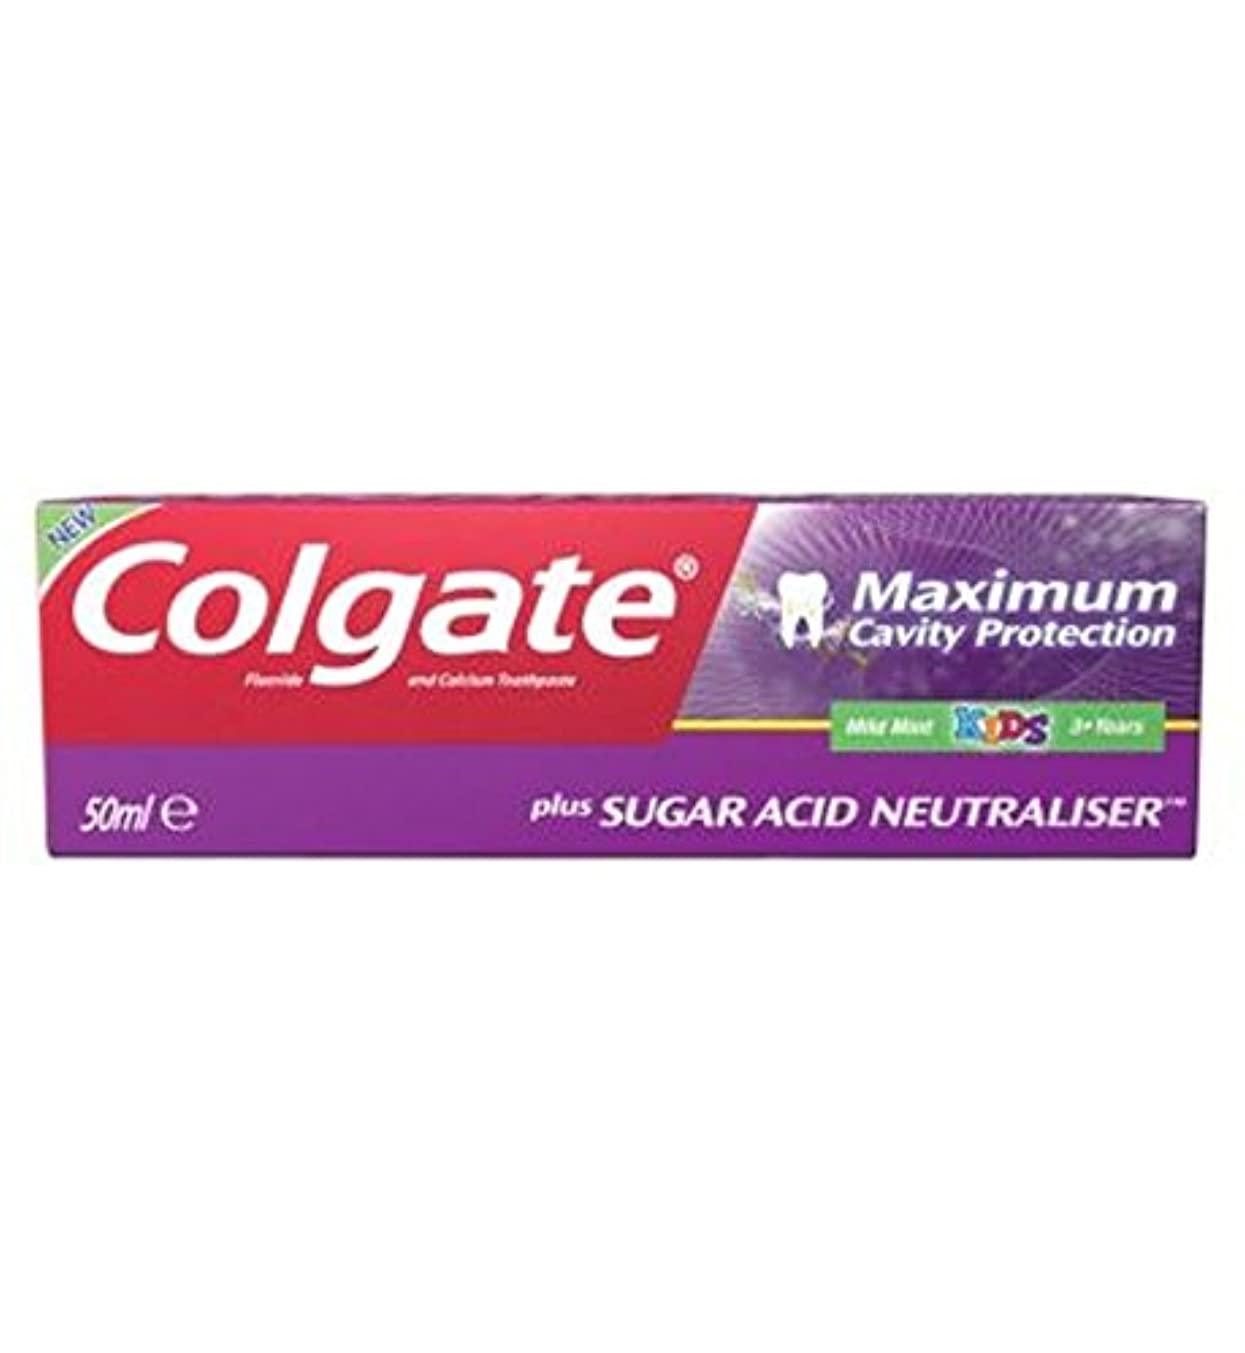 訪問才能大胆不敵コルゲート最大空洞の保護に加えて、糖酸中和剤の子供の歯磨き粉50ミリリットル (Colgate) (x2) - Colgate Maximum Cavity Protection plus Sugar Acid Neutraliser...